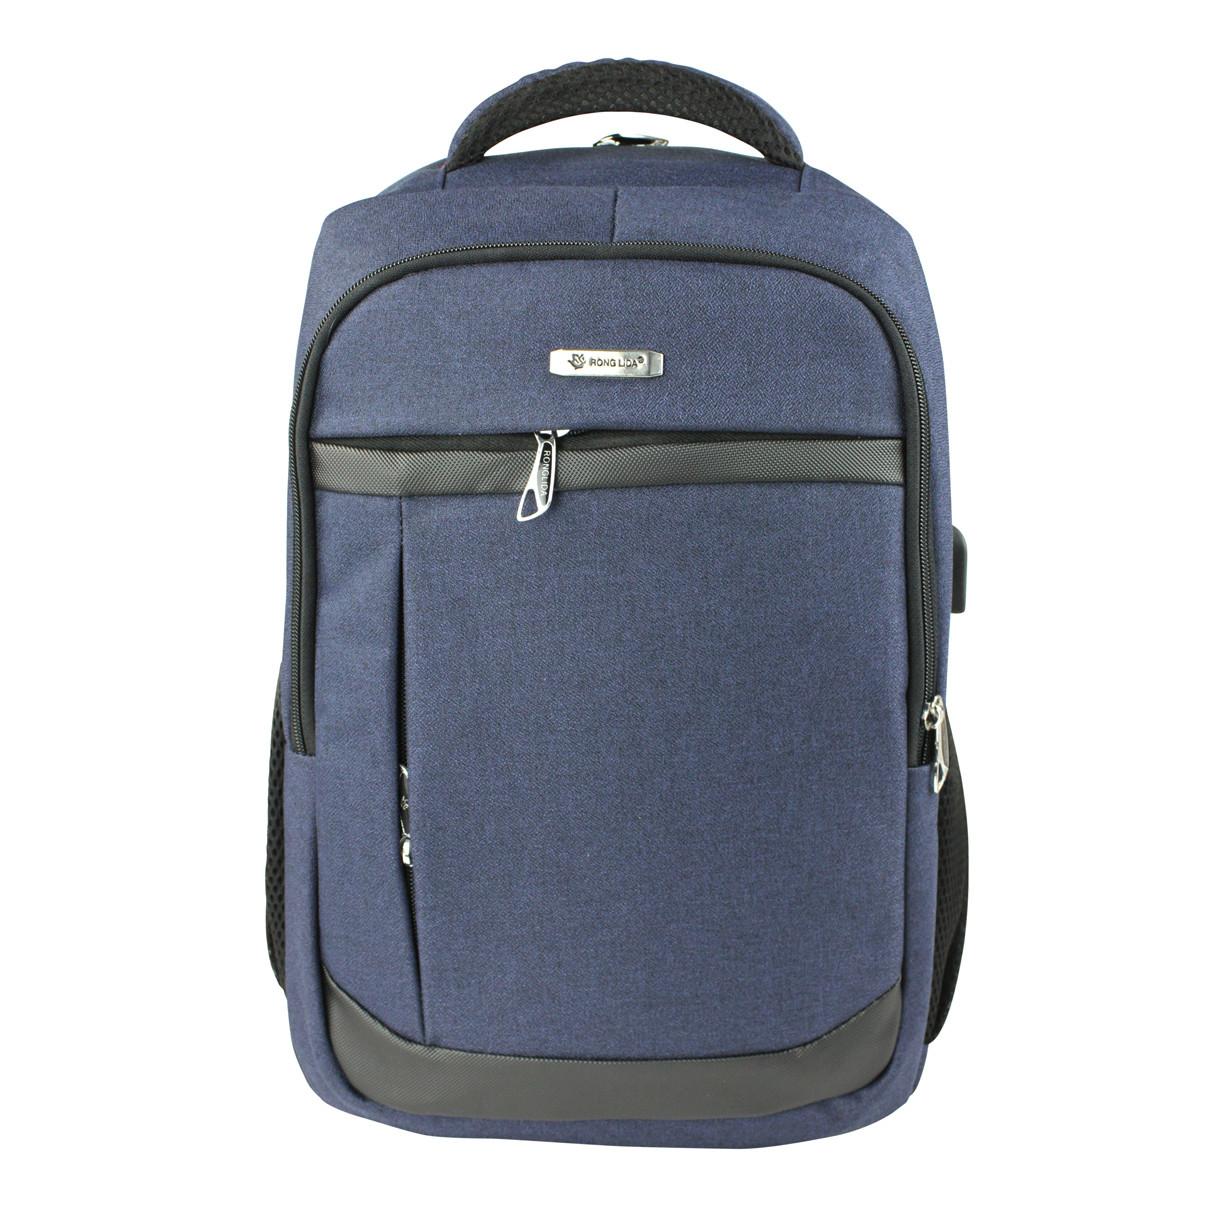 Рюкзак городской стильный синий Ronguda c USB выходом и отделением под ноутбук